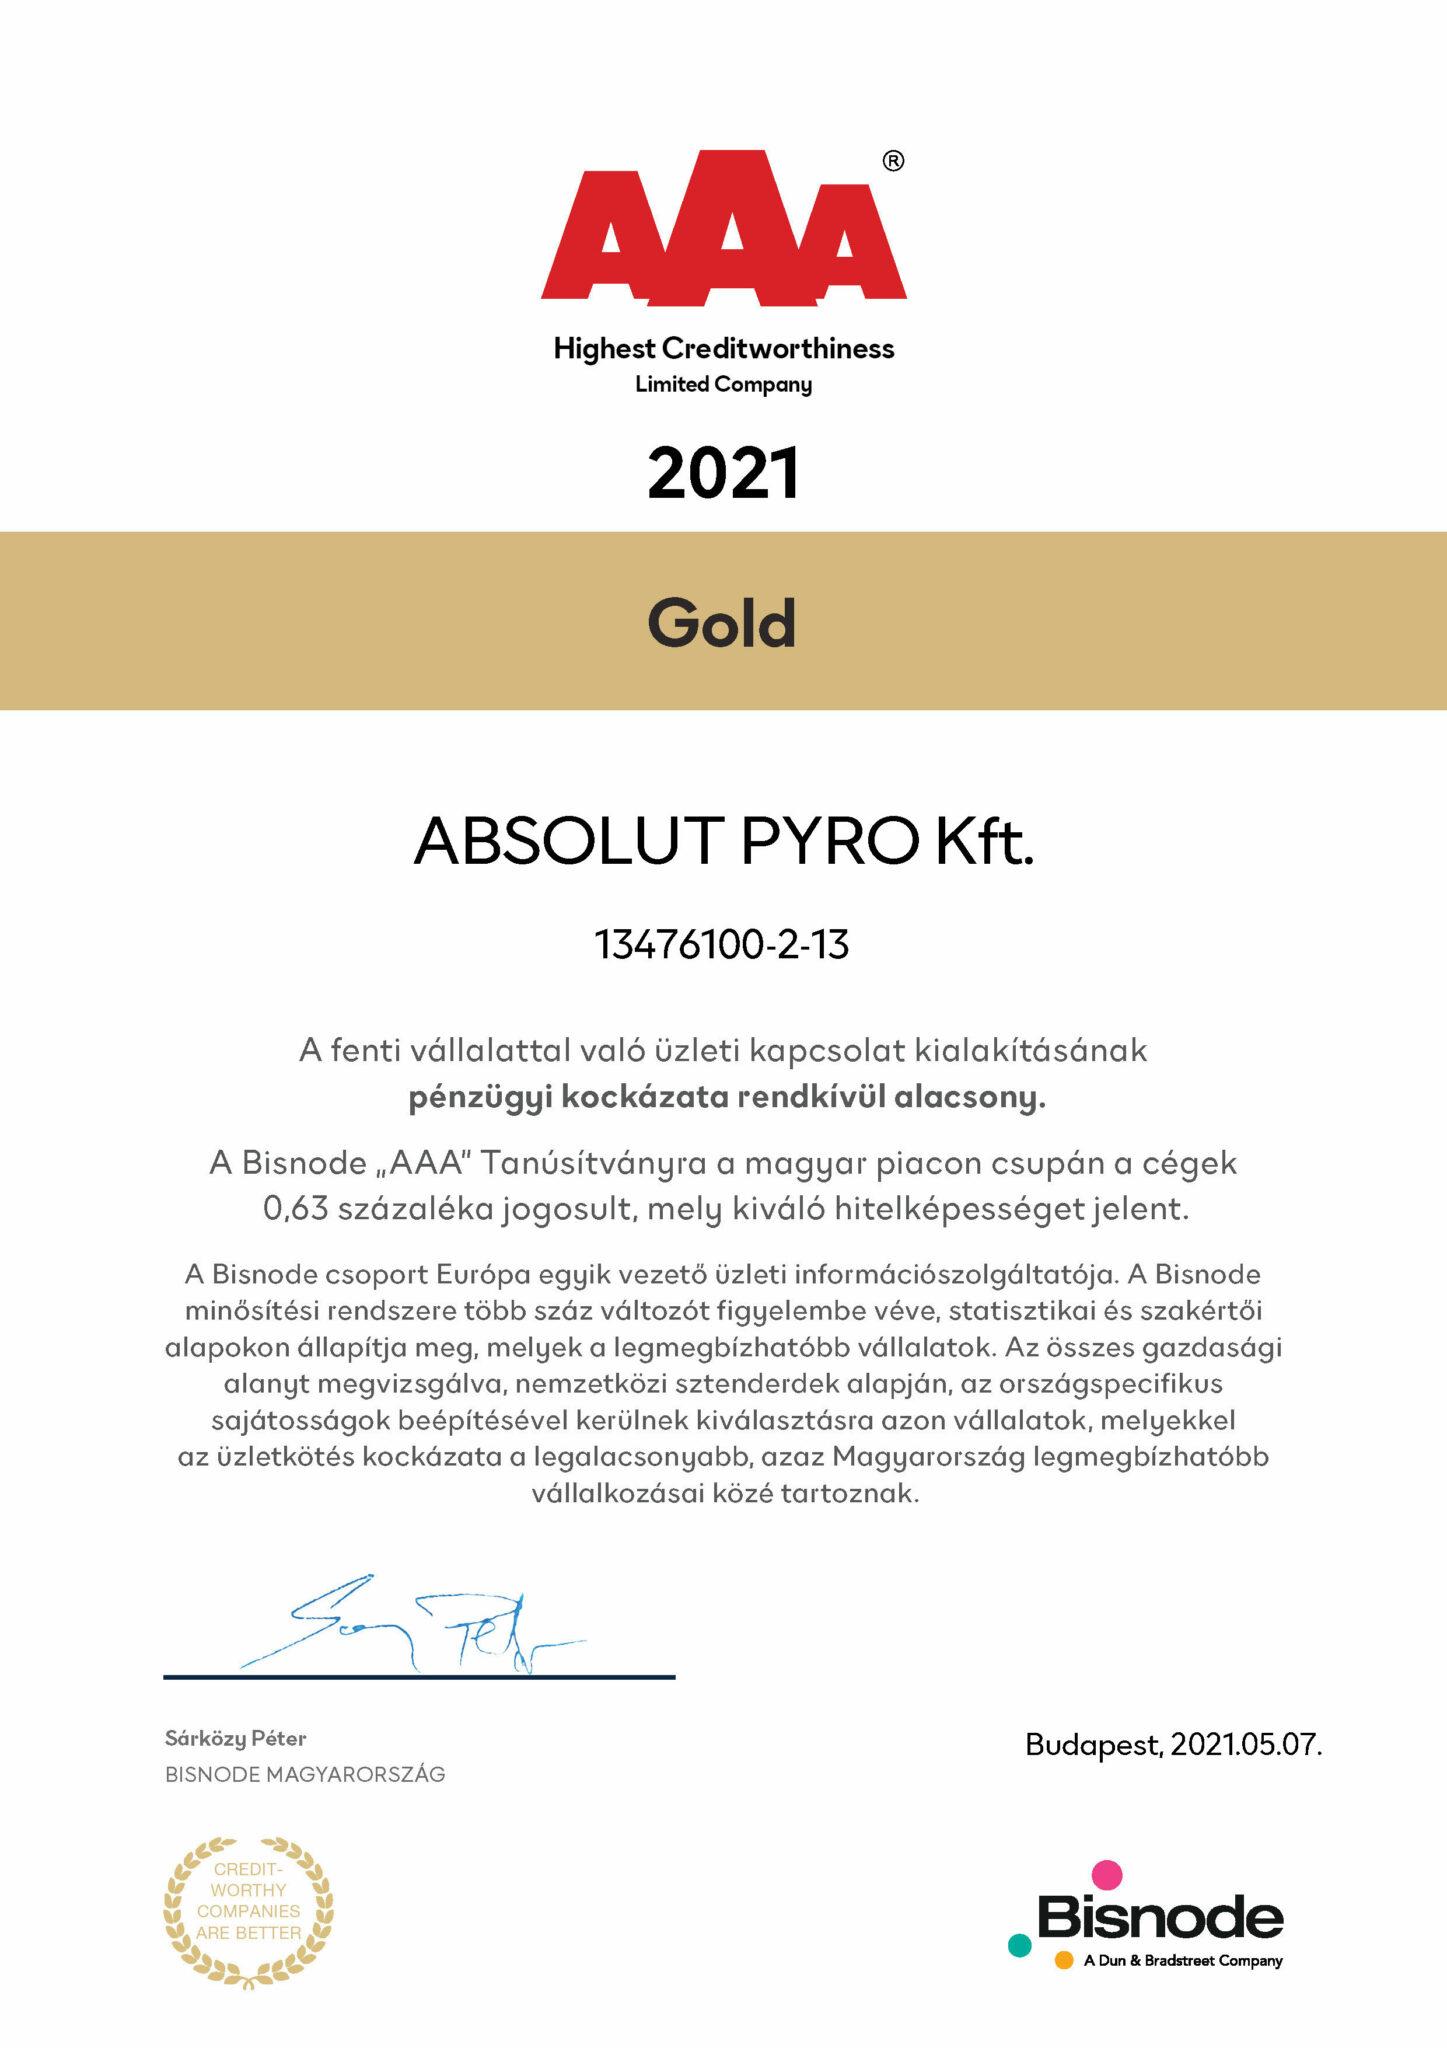 AAA creditworthy 2021